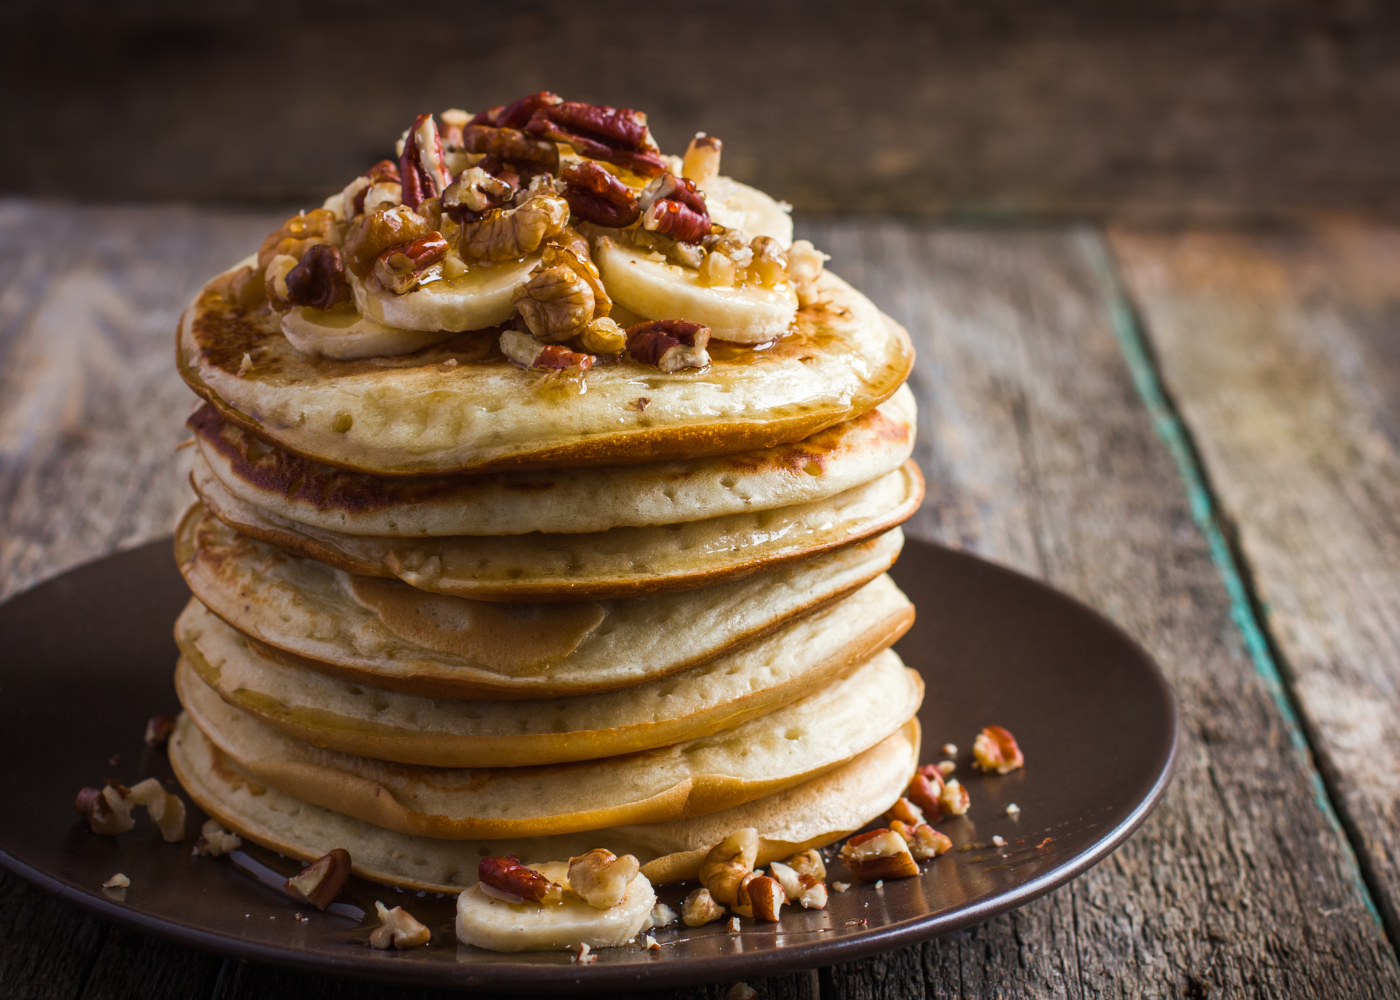 panquecas com topping de nozes, mel e banana